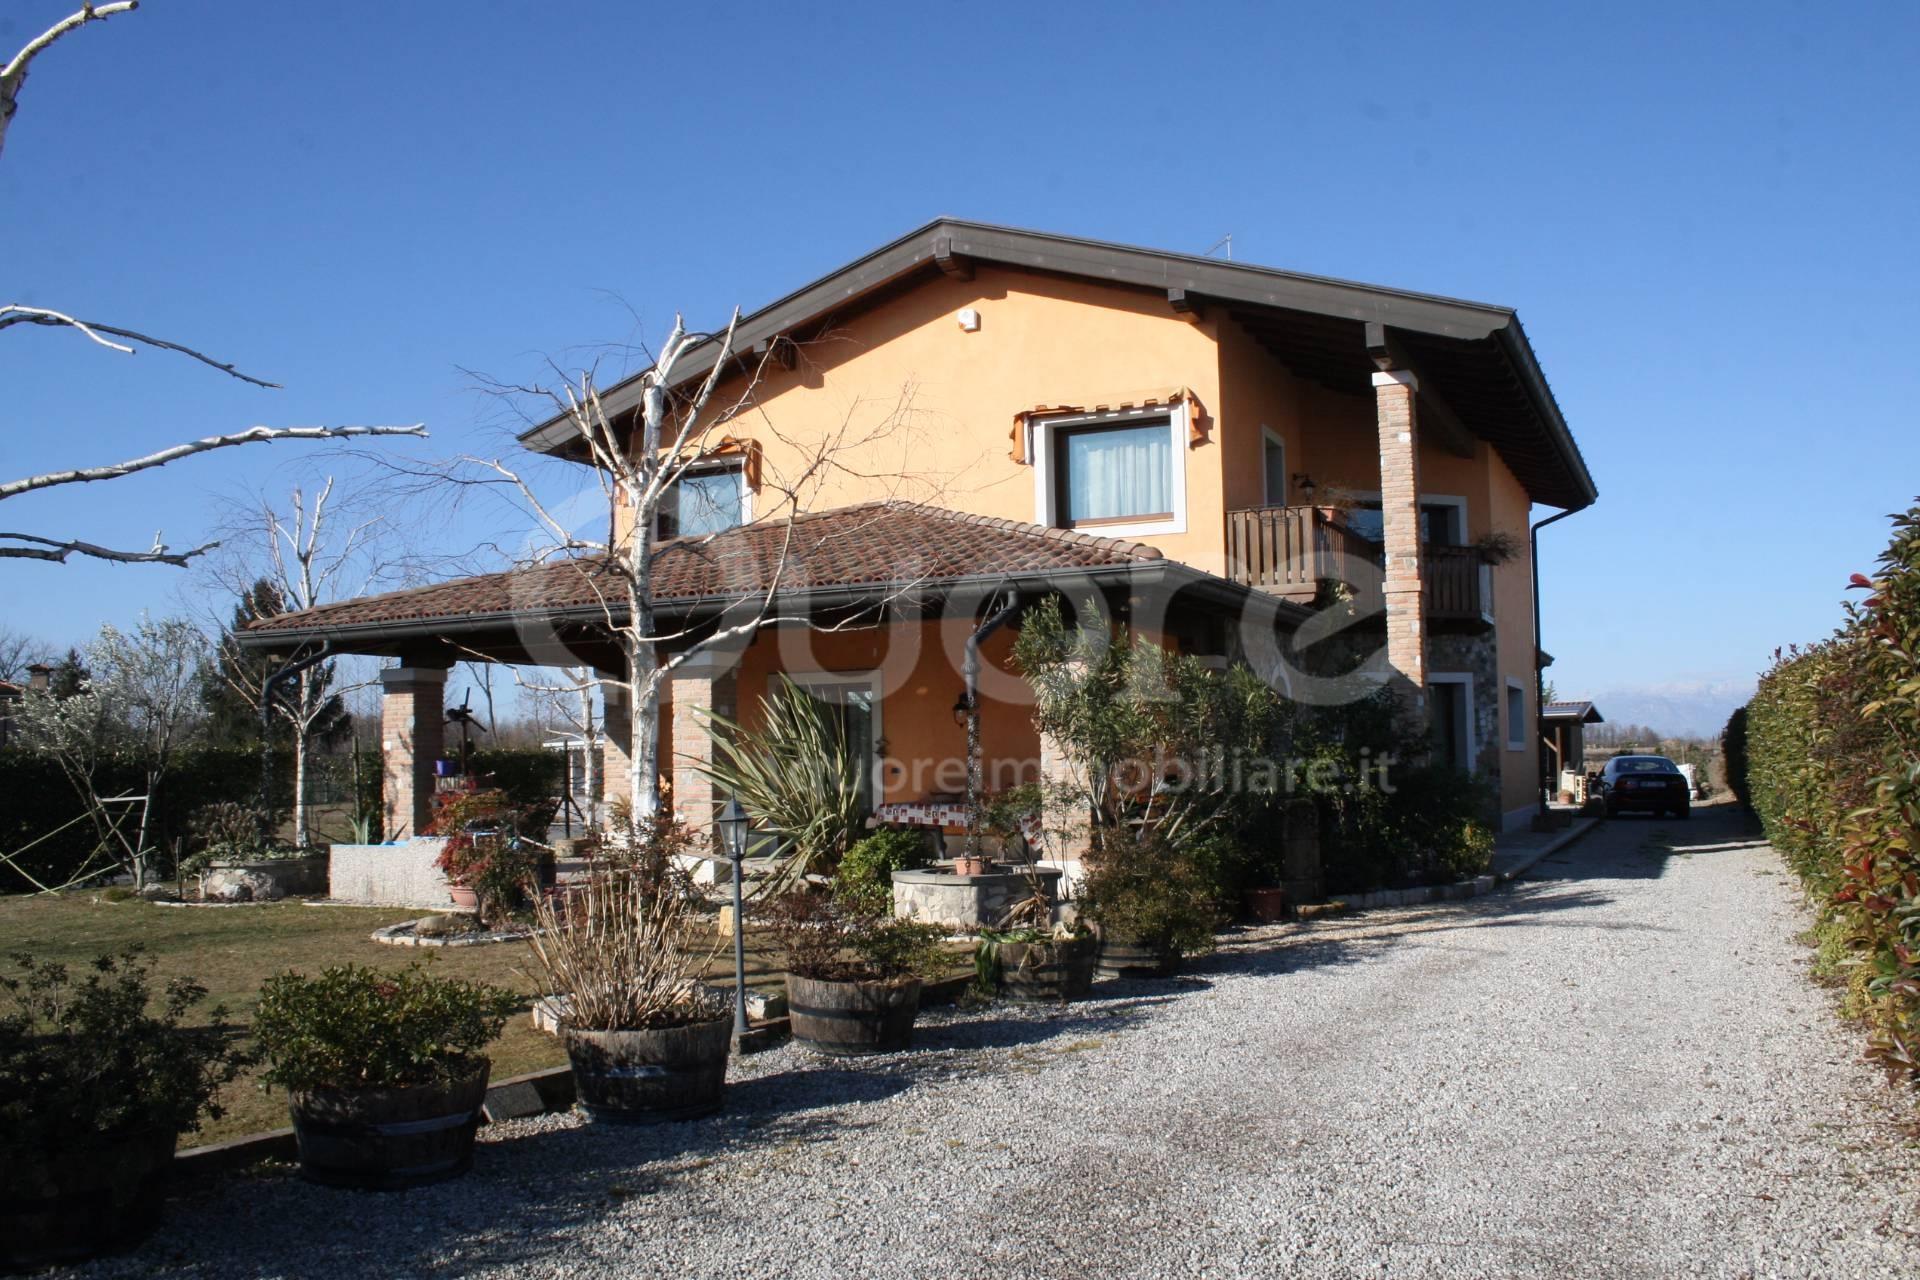 Soluzione Indipendente in vendita a Camino al Tagliamento, 6 locali, prezzo € 340.000 | CambioCasa.it